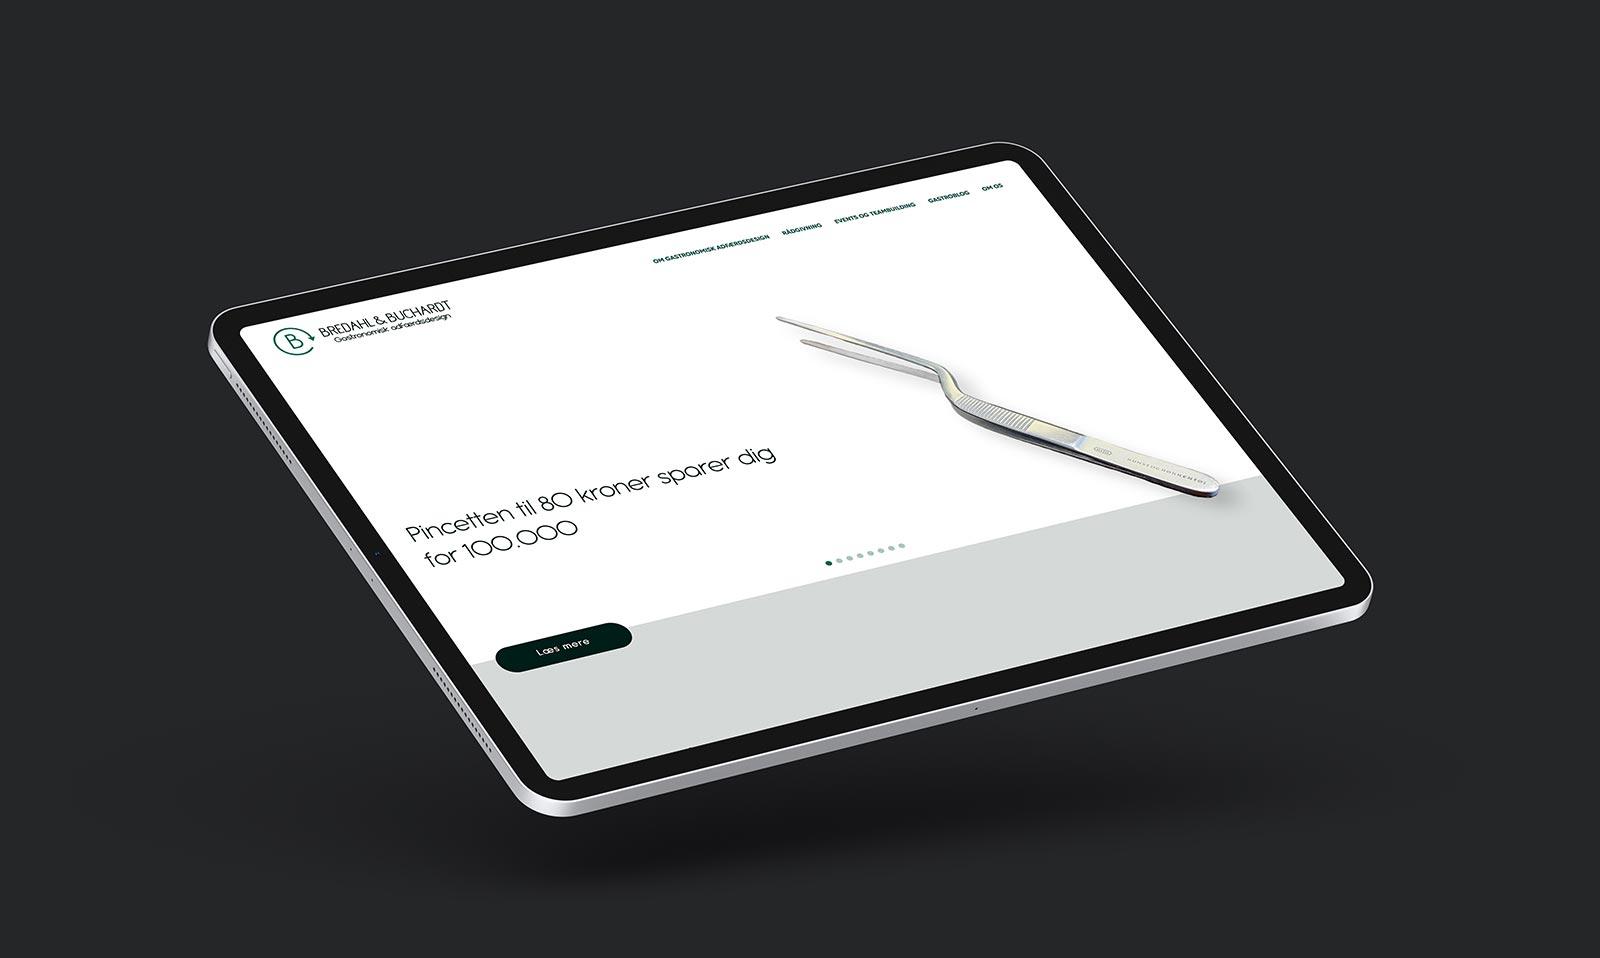 Gastroadfærd website op iPad